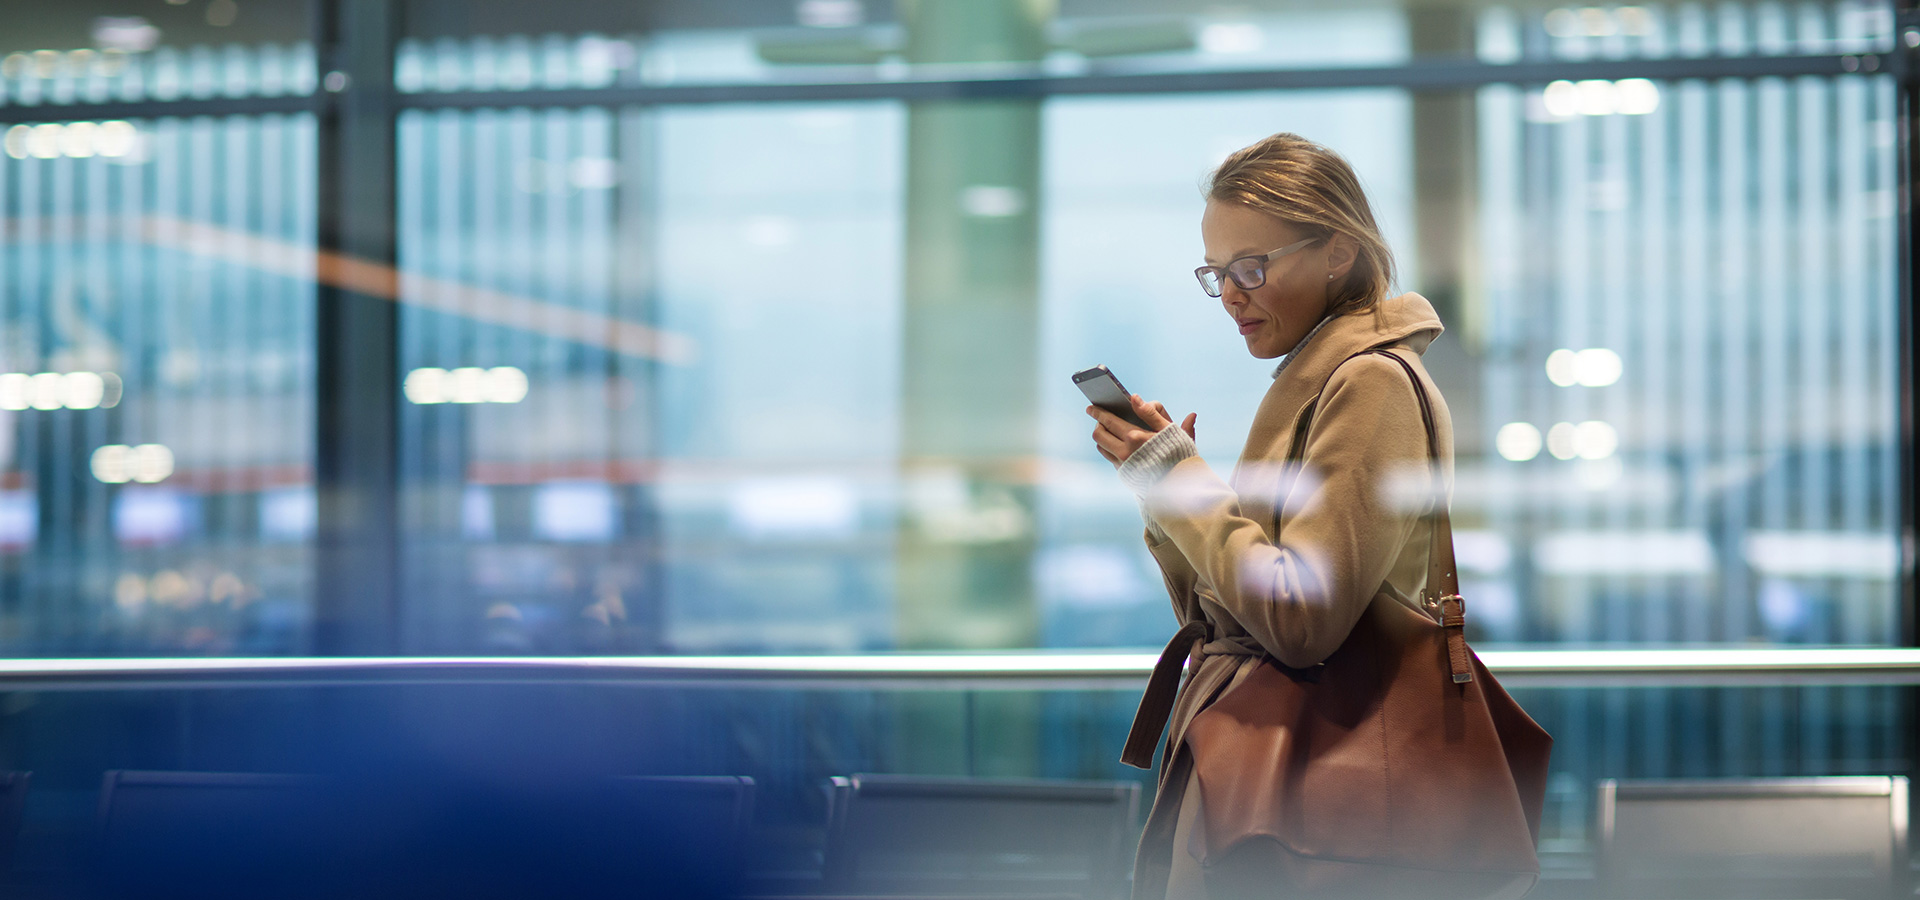 LINK Mobility - Frau am Flughafen liest eine Nachricht auf ihrem Smartphone